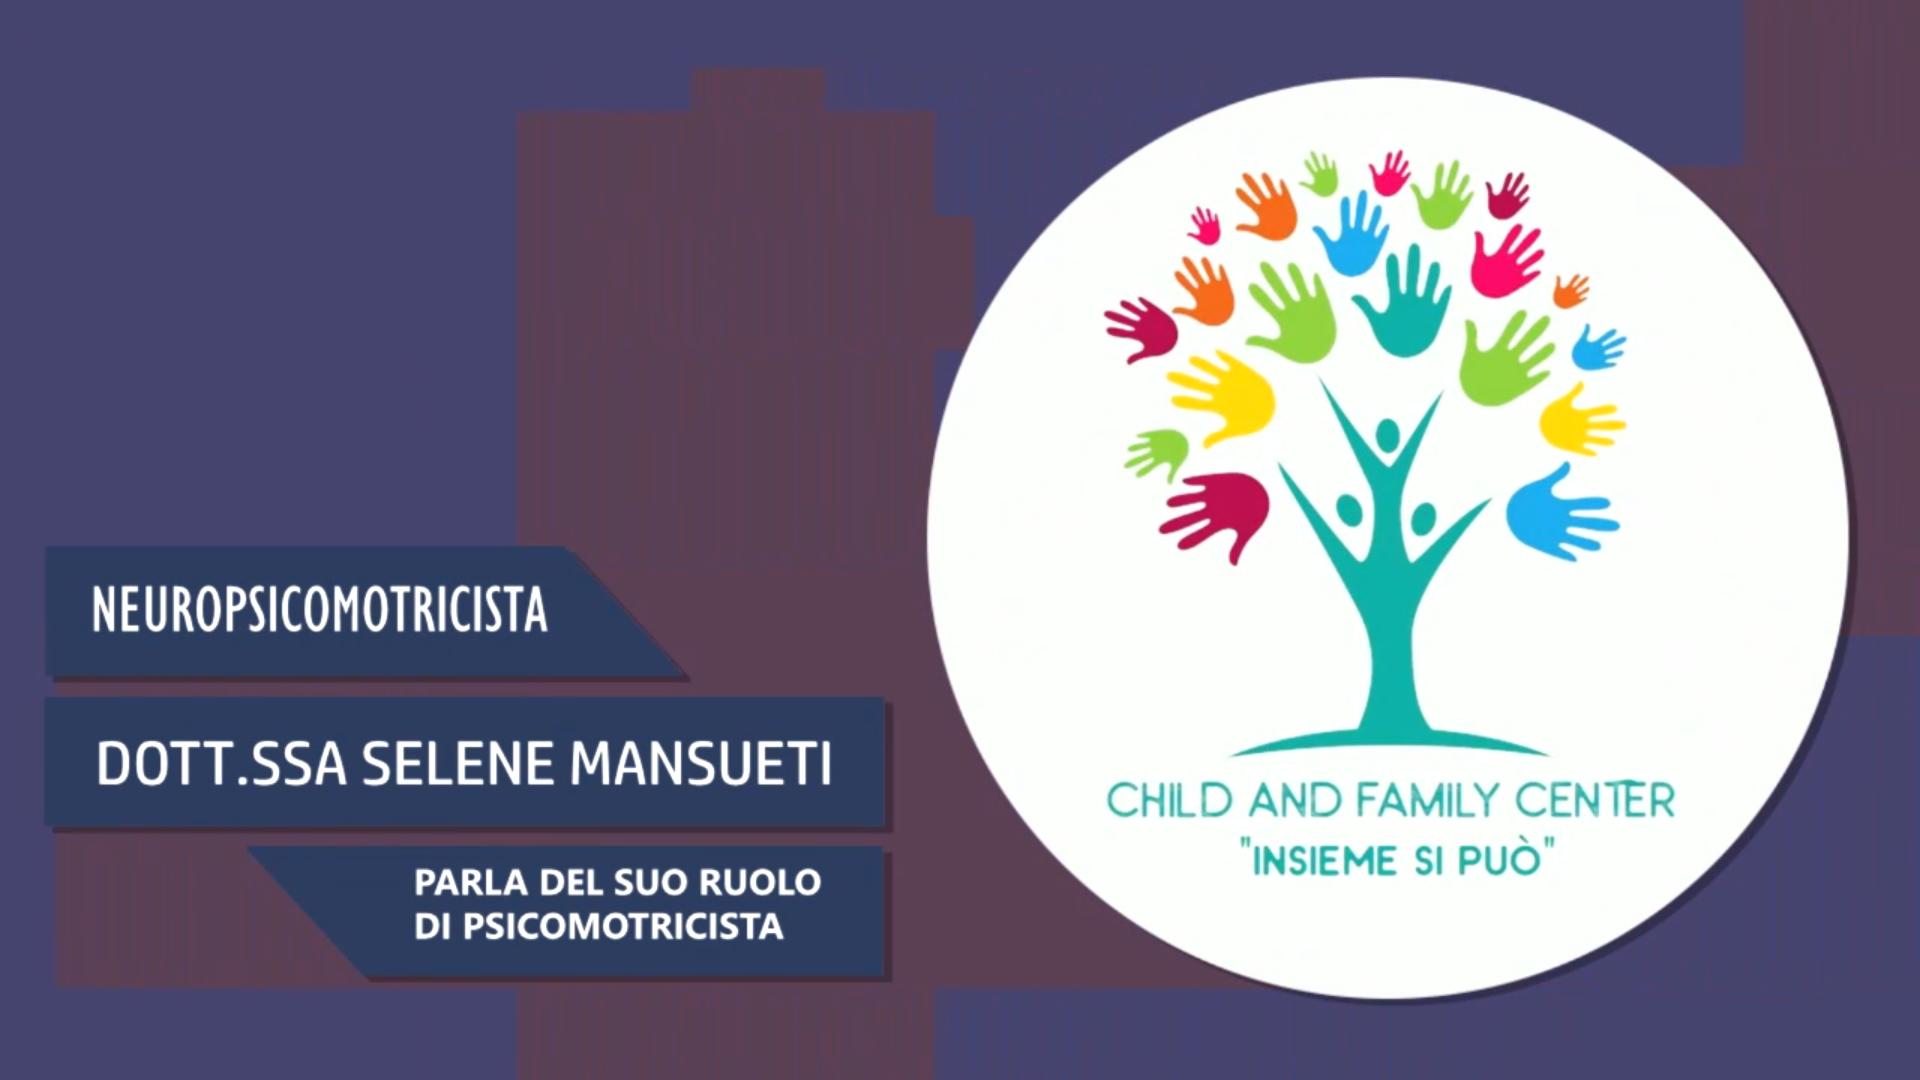 Intervista alla Dott.ssa Selene Mansueti – Parla del suo ruolo di psicomotricista